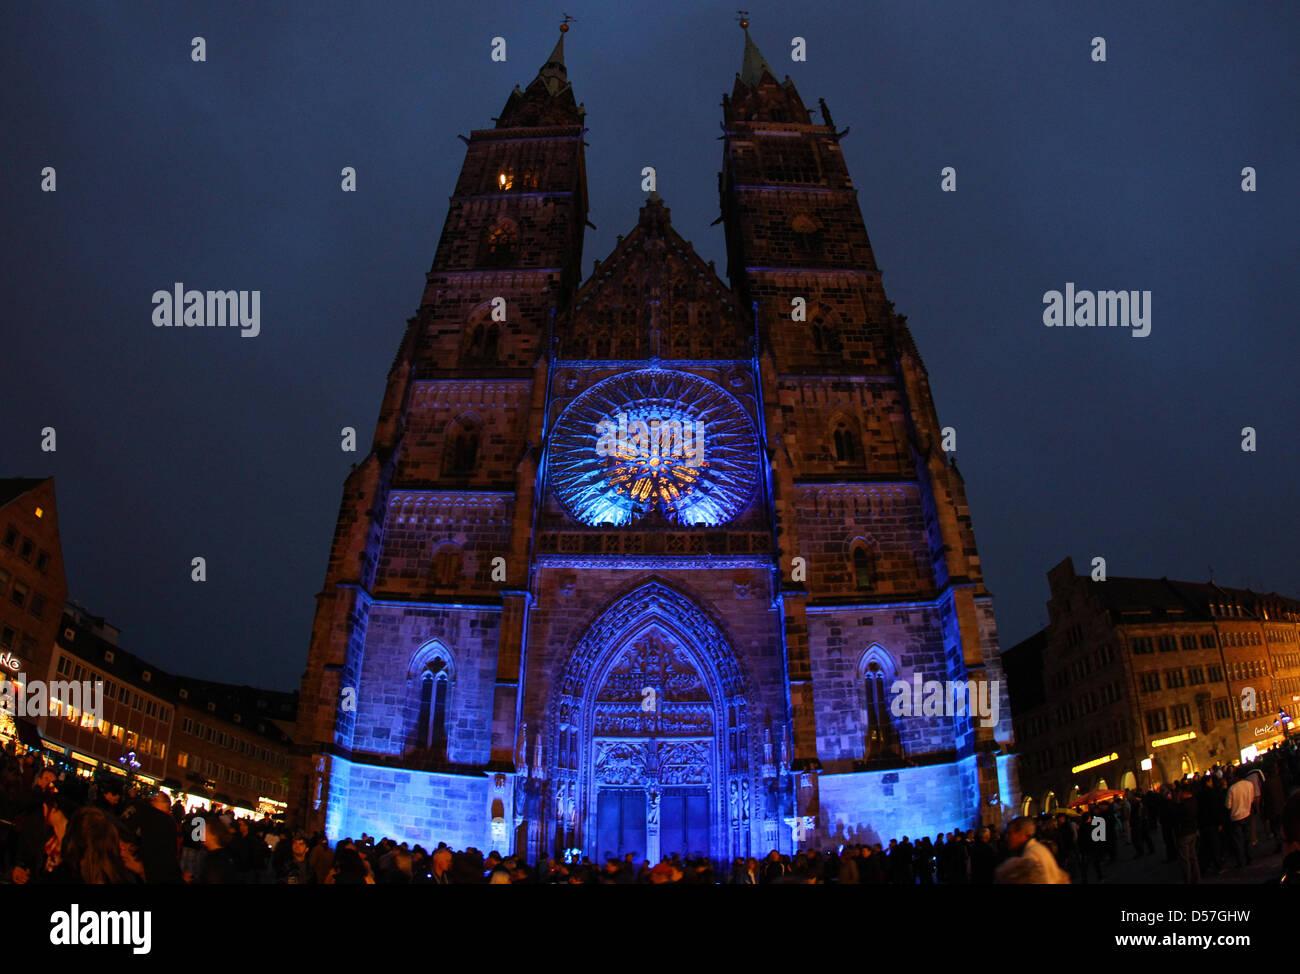 DATUM VON 2009 AUF 2010 KORRIGIERT  Blau angestrahlt erleuchtet die Lorenzkirche am Samstag (15.05.2010) in Nürnberg - Stock Image